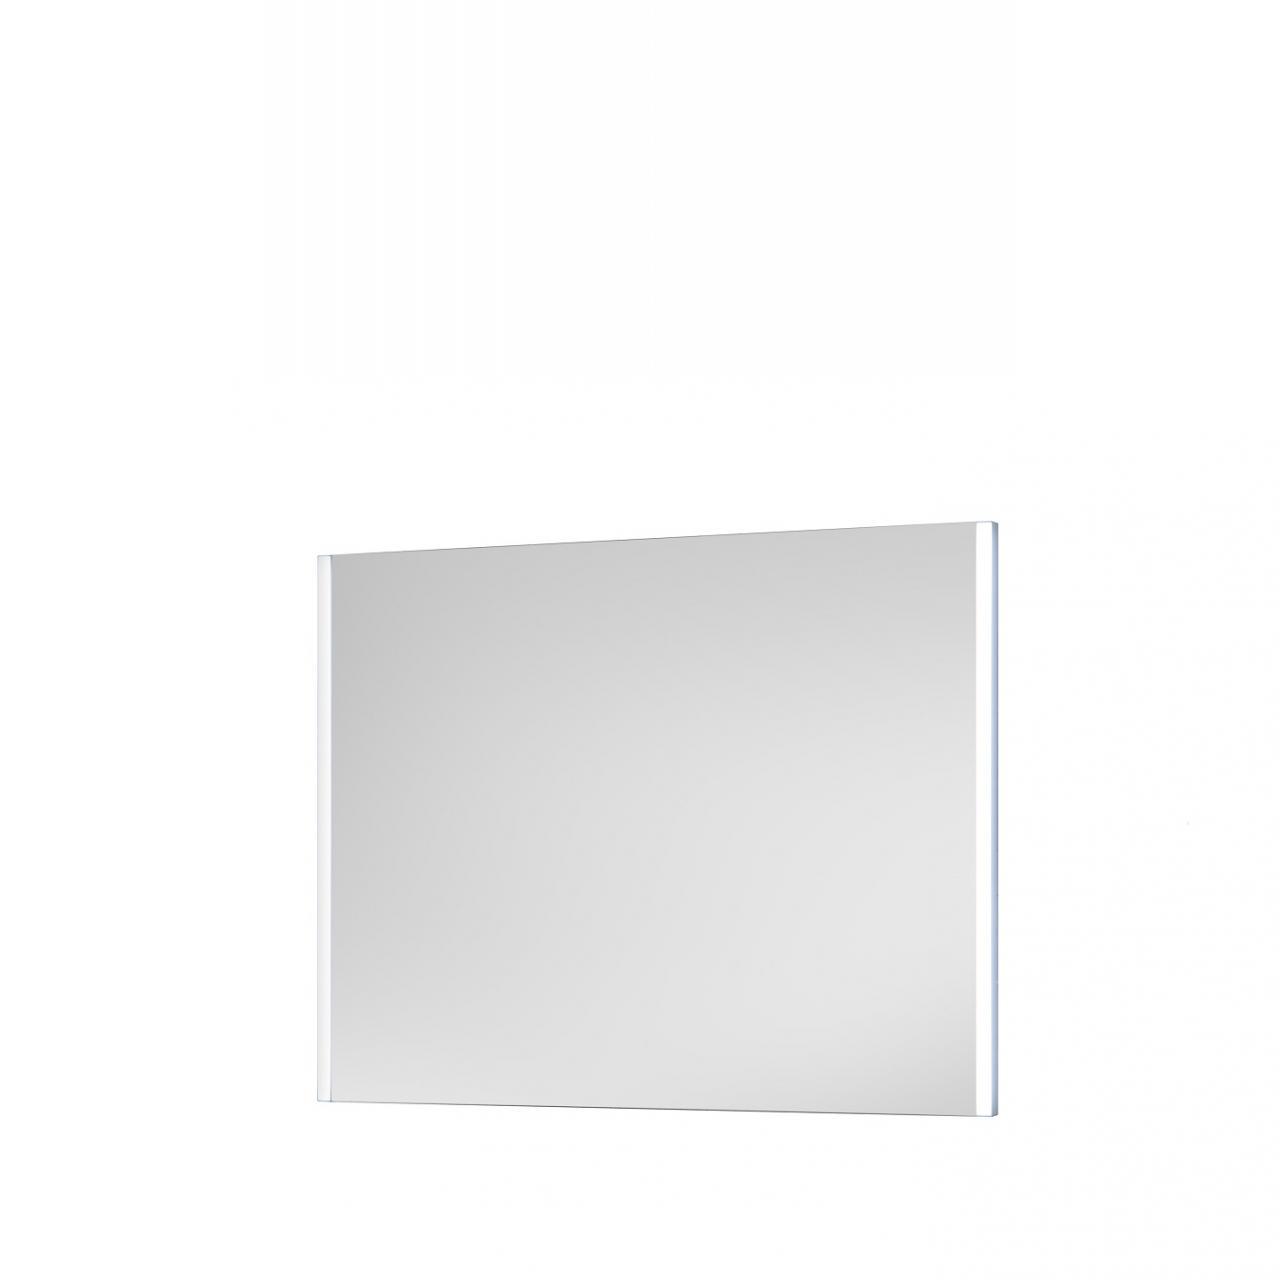 Spiegel 54-013 inkl. ALU LED-Leiste Mit Bewegungsmelder Badezimmer Gäste-WC